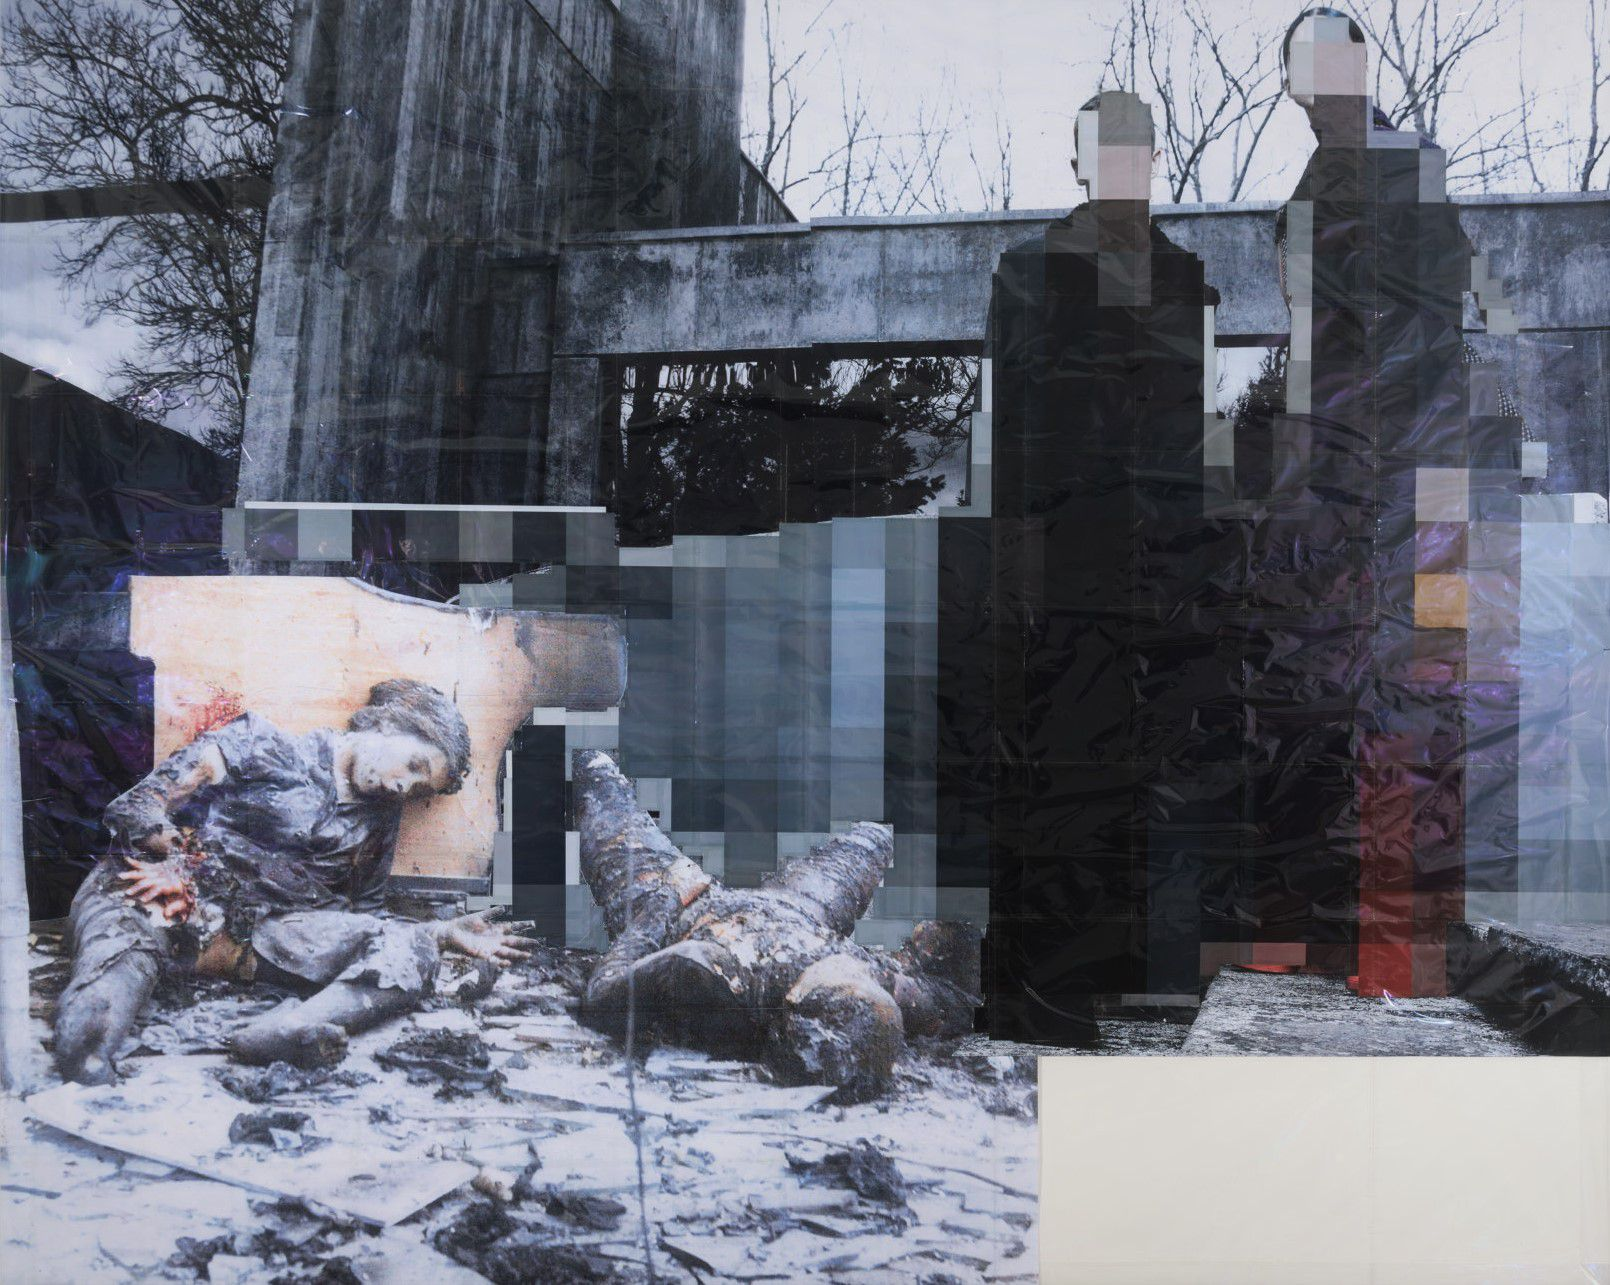 Thomas Hirschhorn Pixel-Collage n°10 (2015). Foto di Florian Kleinefenn. ©Thomas Hirschhorn || Galerie Chantal Crousel, Paris